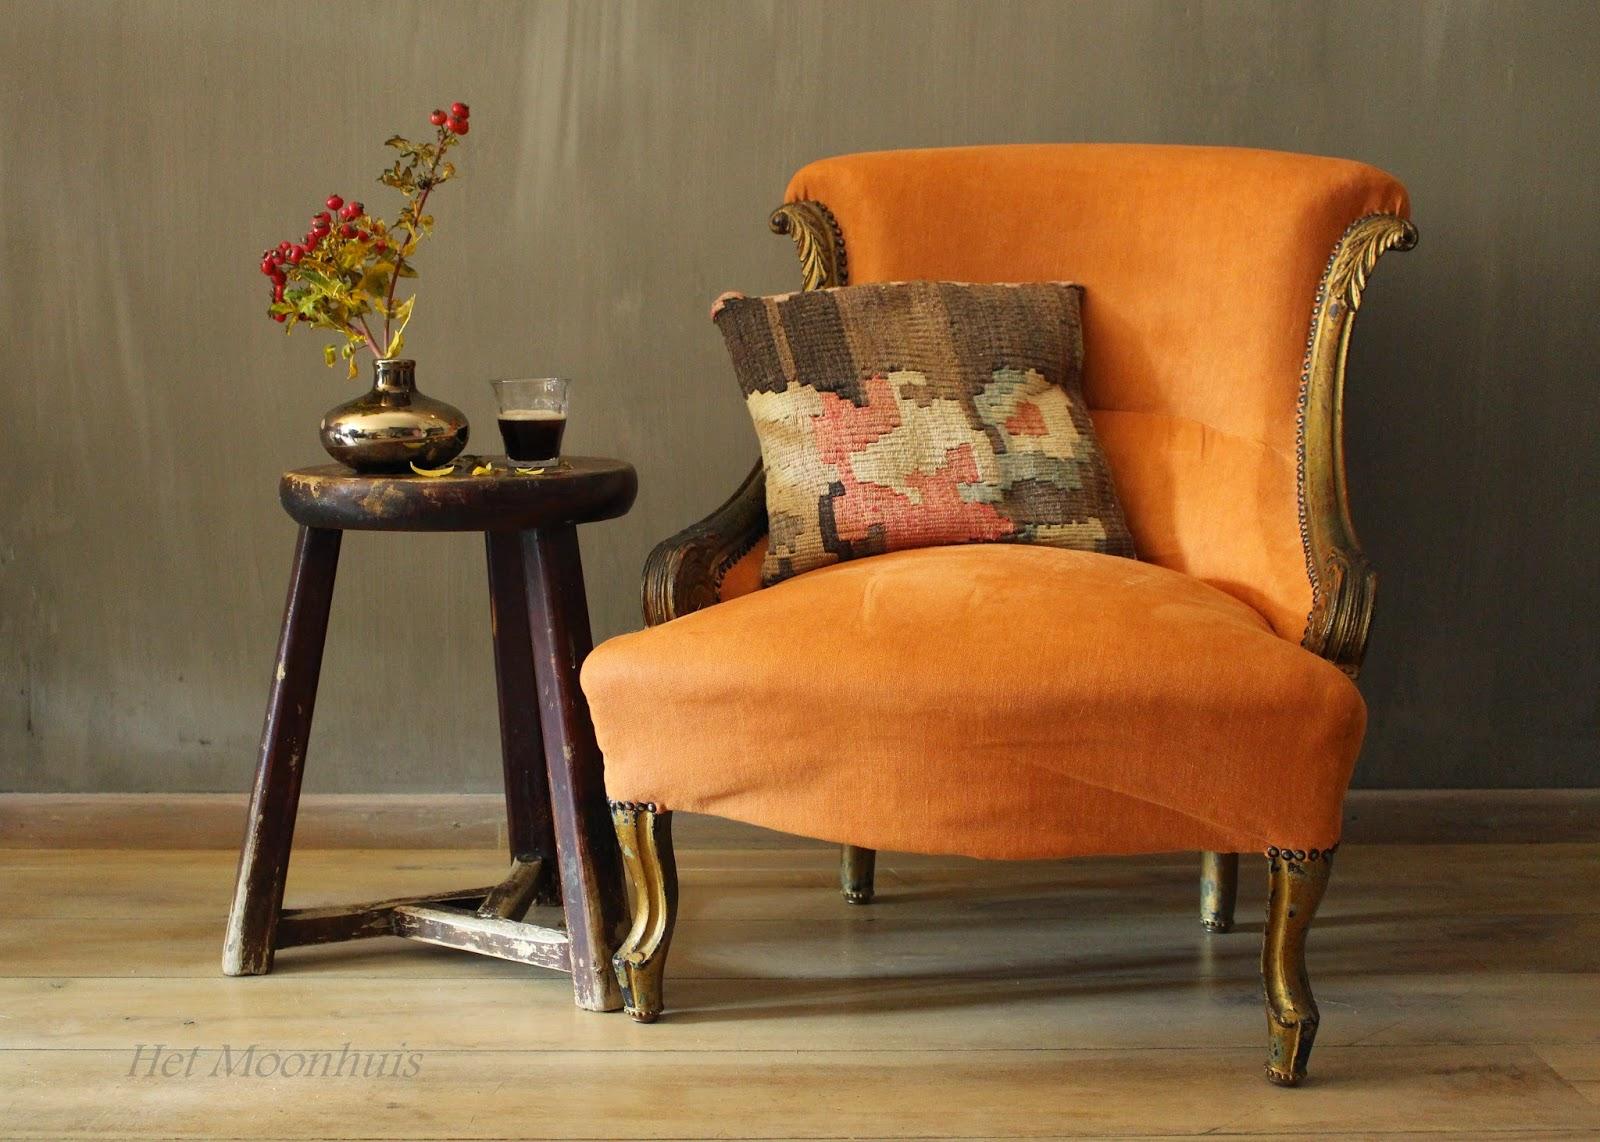 Het moonhuis: oranje en een beetje oosters